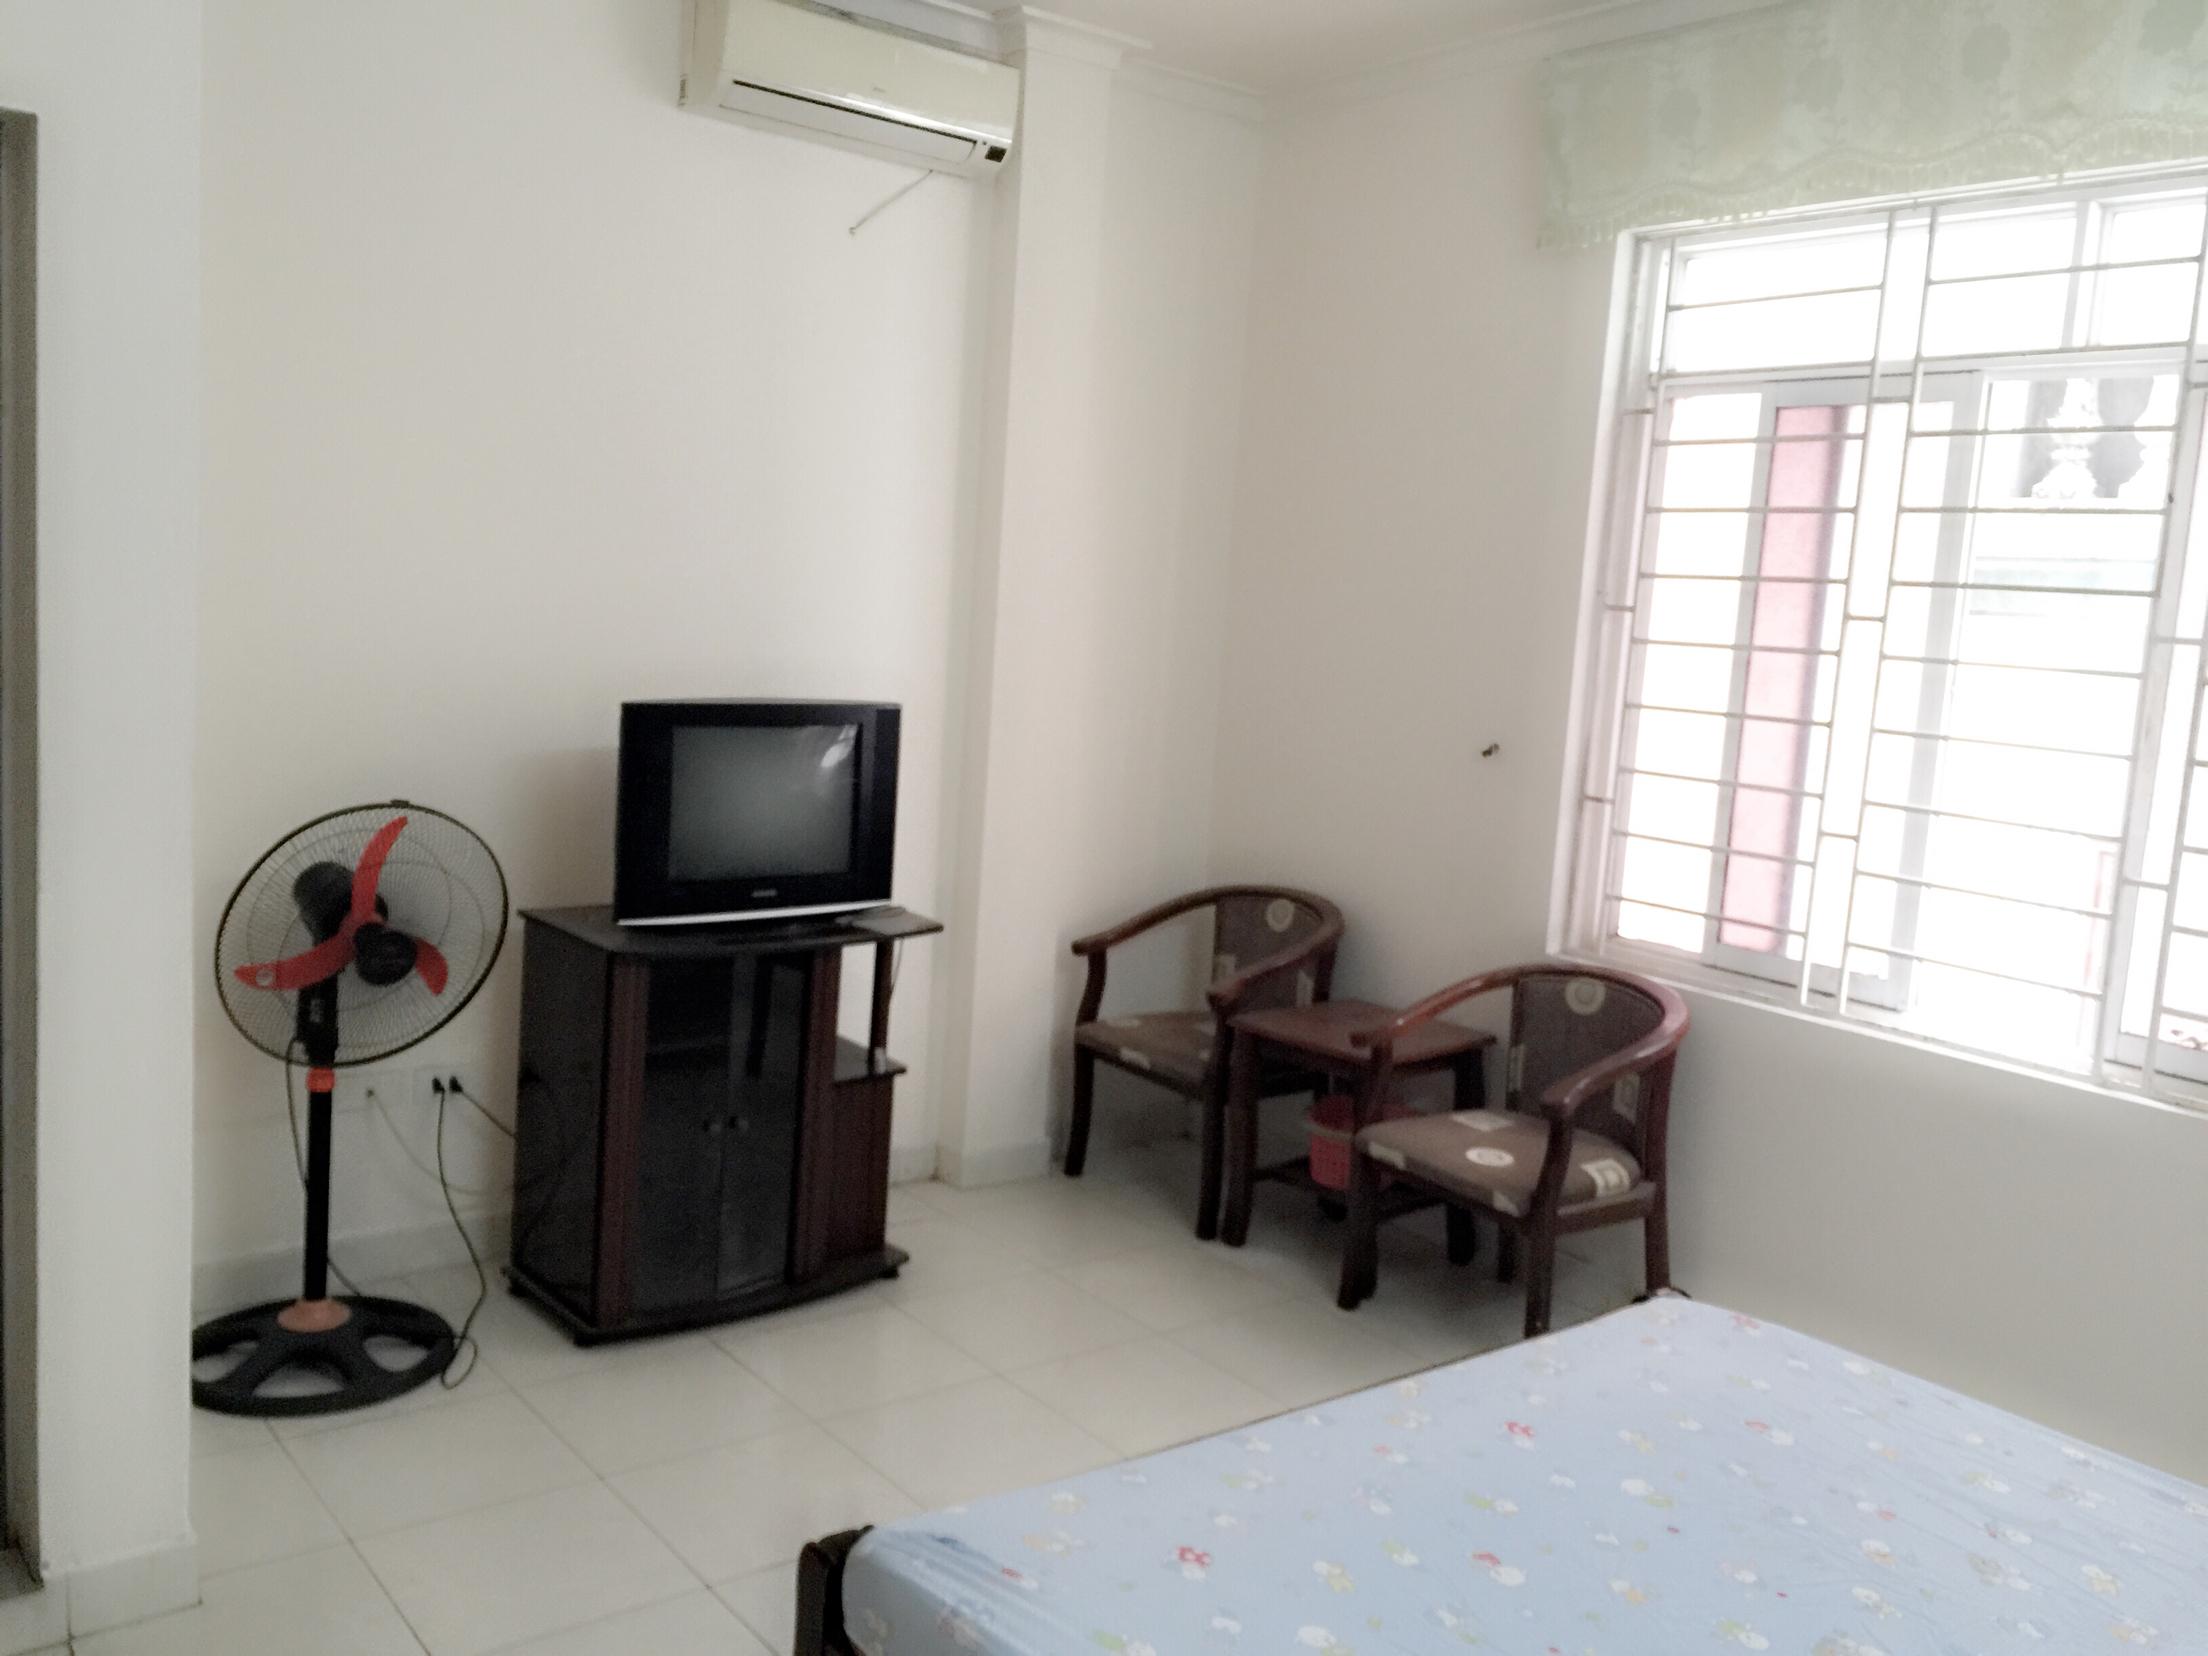 2 Cho thuê phòng khép kín, riêng chủ ngõ 48 Nguyễn Khánh Toàn